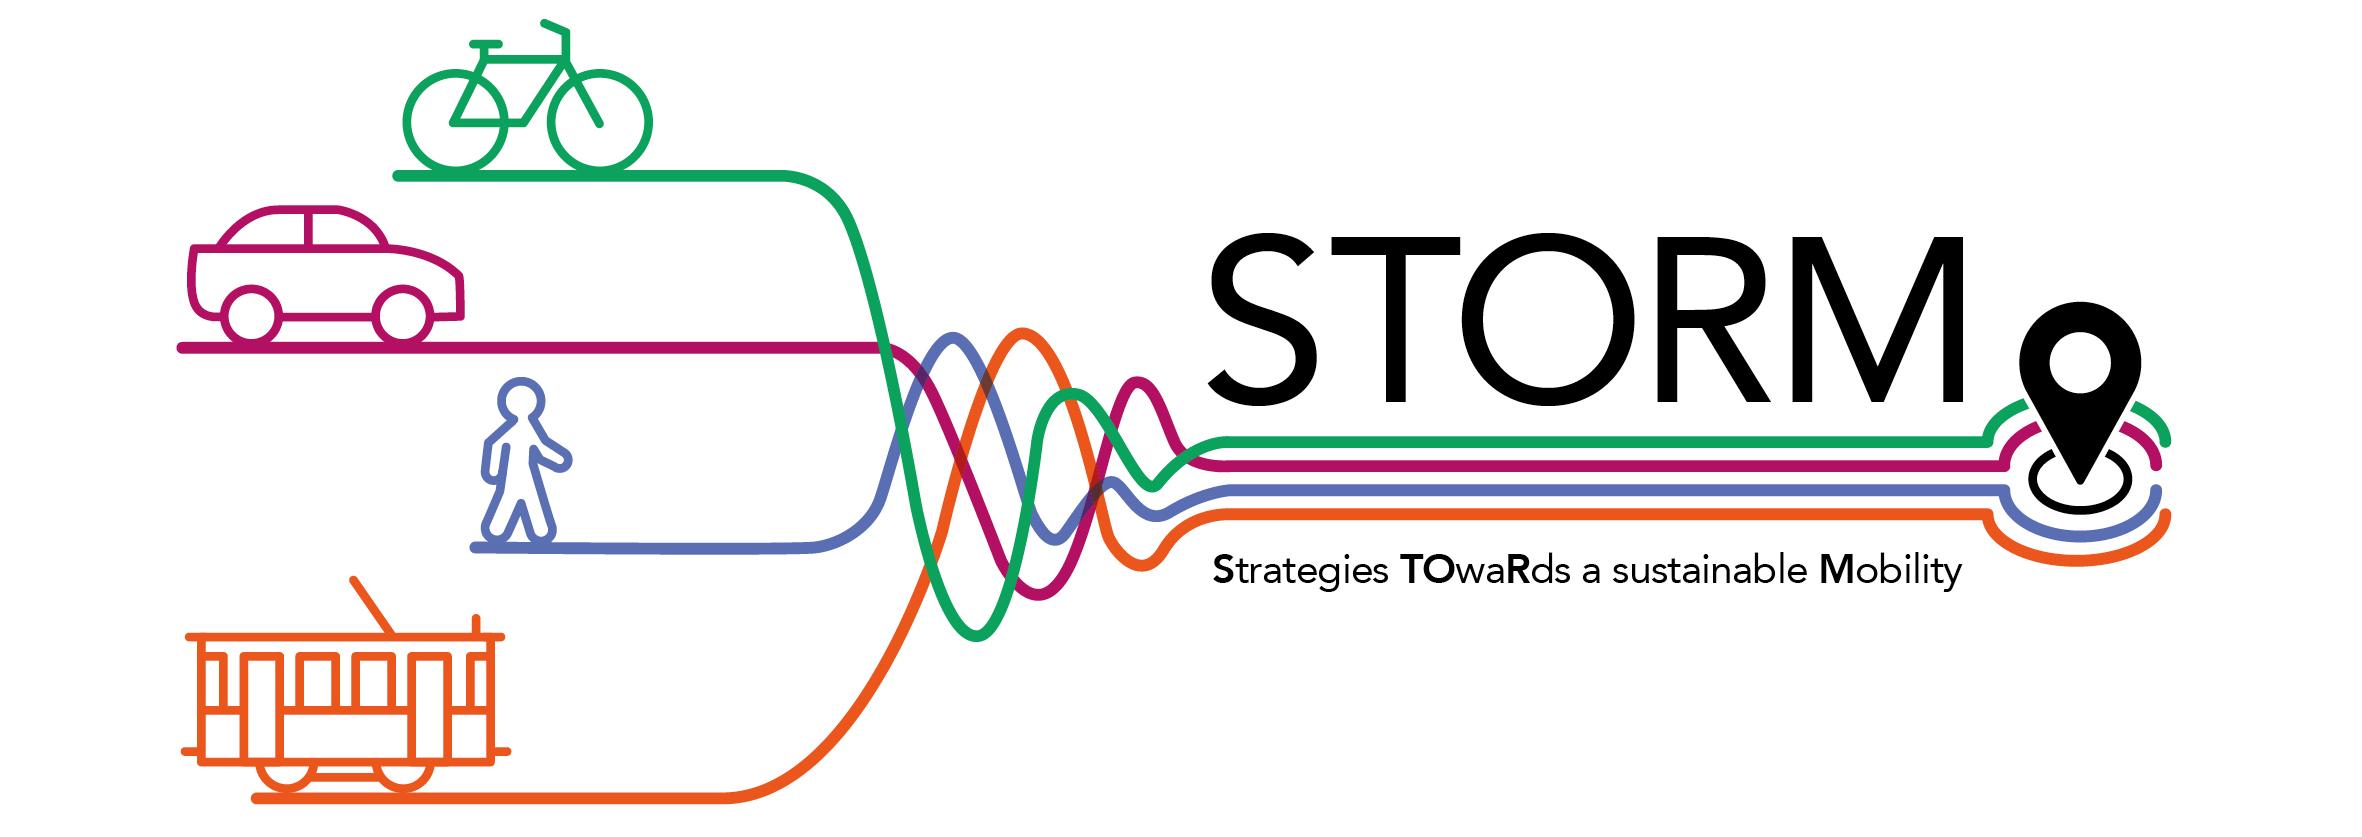 STORM, Mobilità sostenibile - Ricerca Energetica